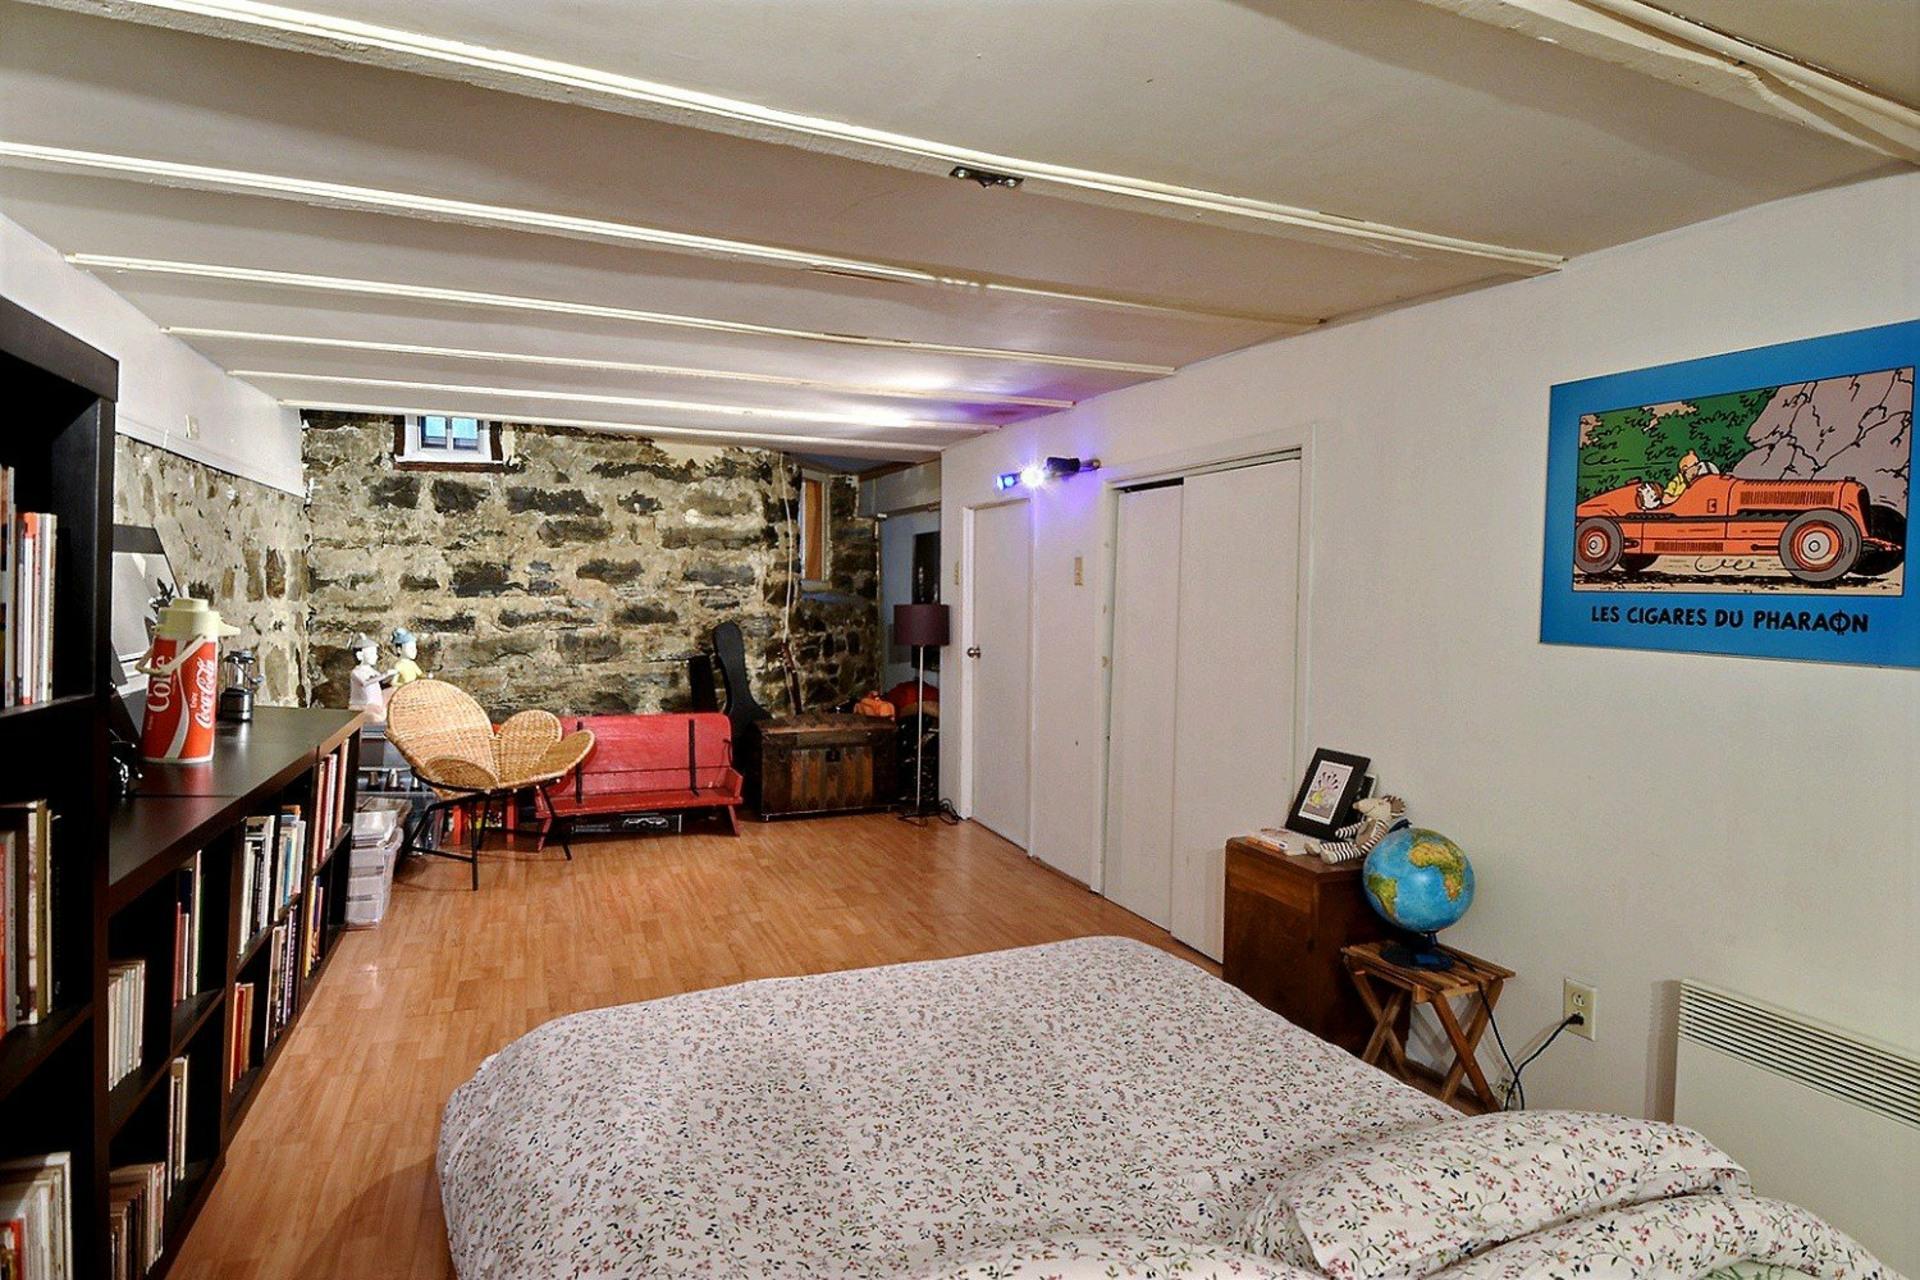 image 13 - Appartement À vendre Le Plateau-Mont-Royal Montréal  - 7 pièces